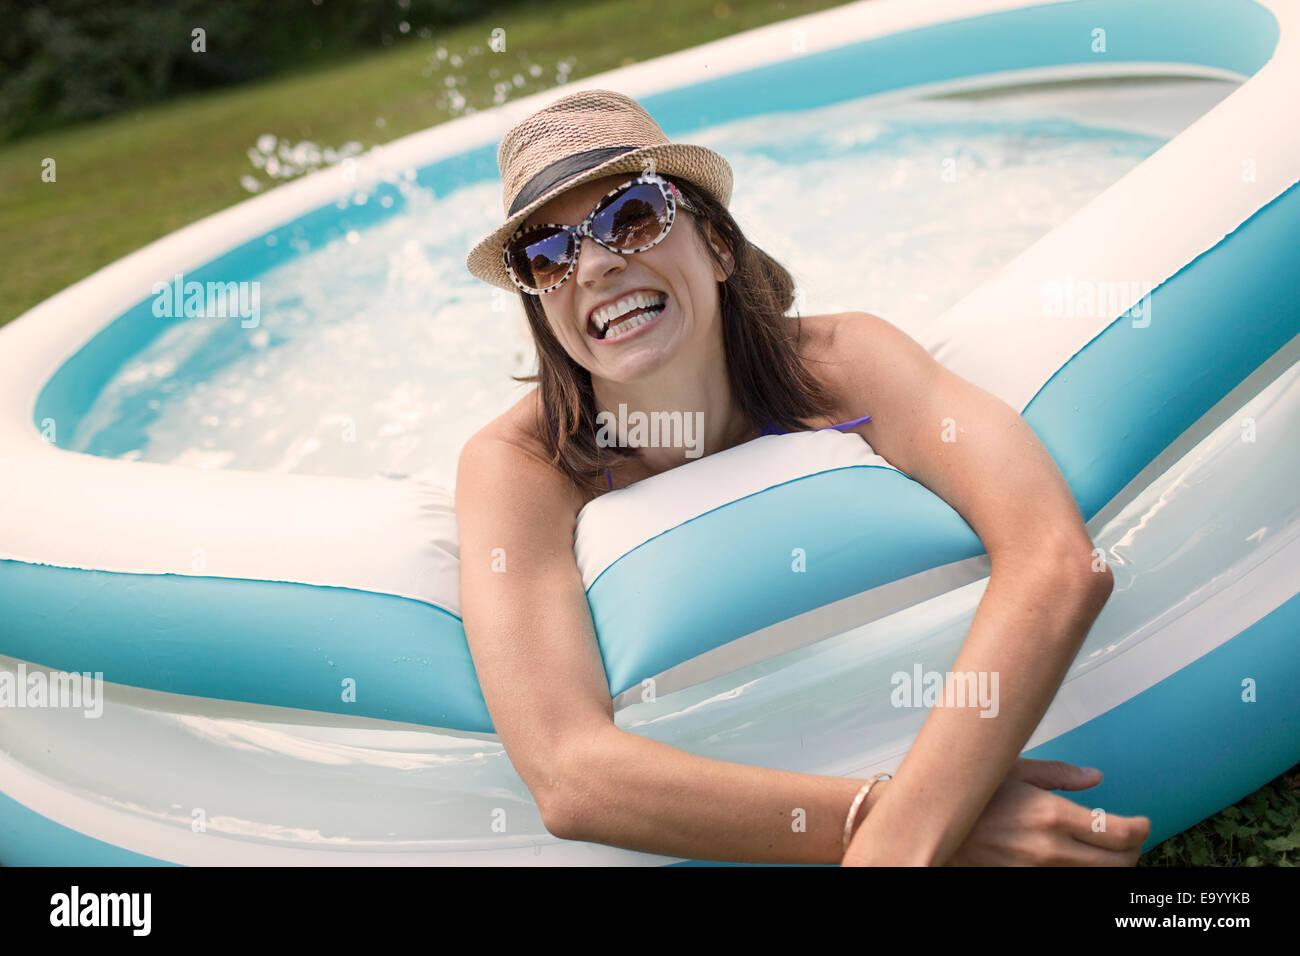 Mujer madura en piscina de chapoteo, las salpicaduras de agua. Imagen De Stock